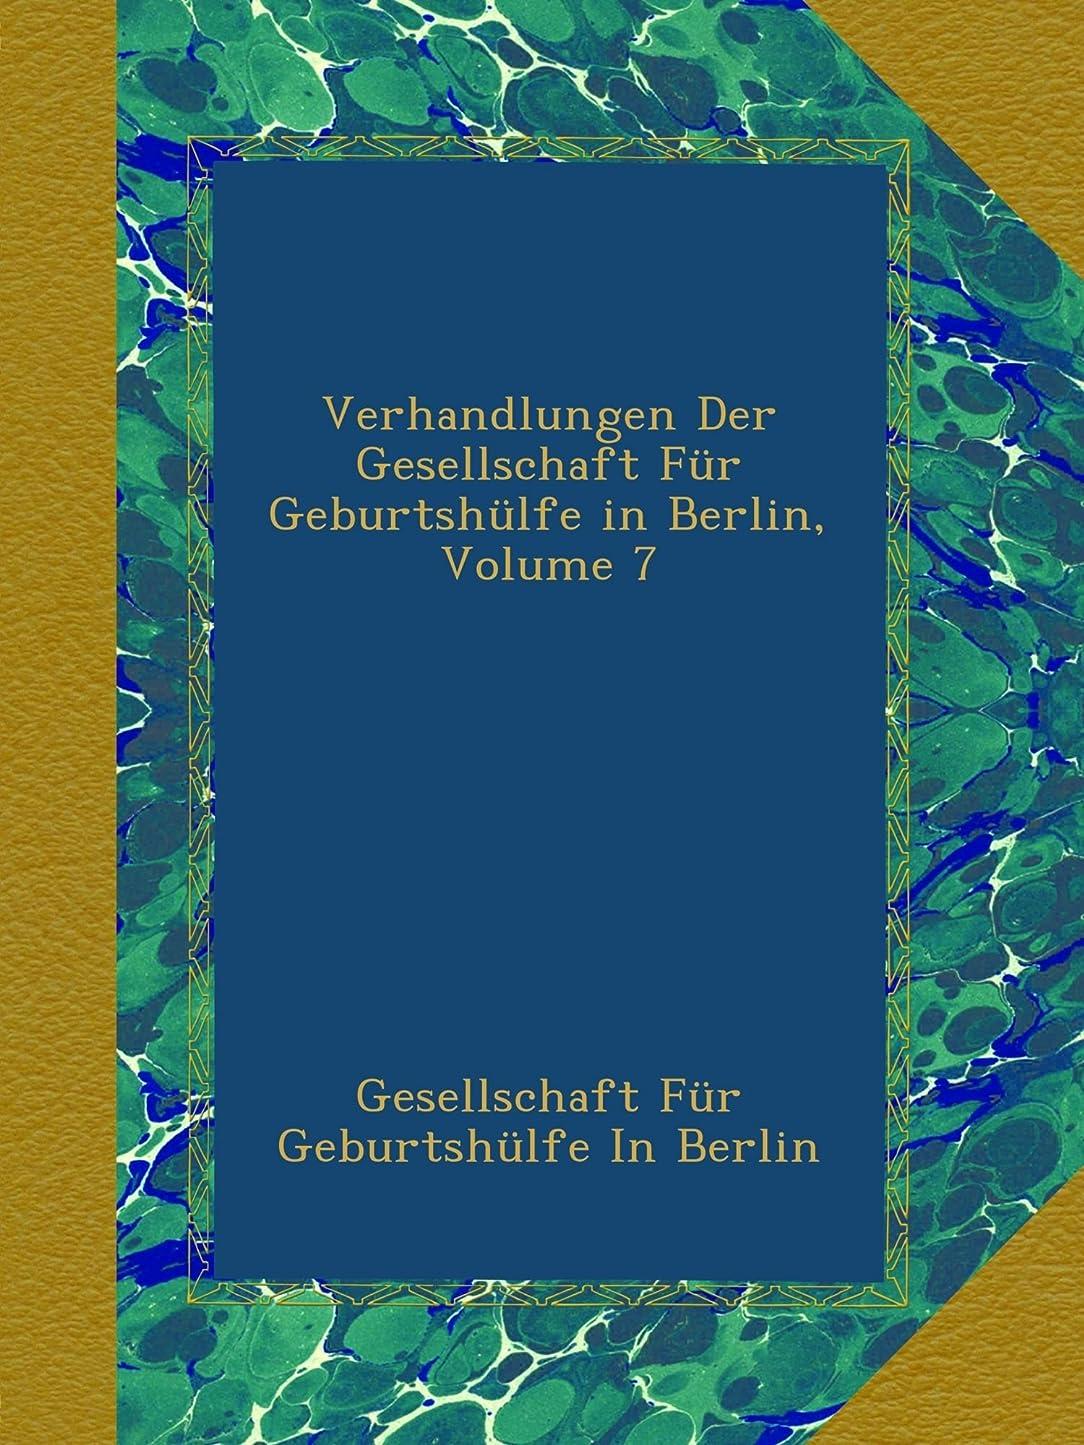 熟達継続中巨大なVerhandlungen Der Gesellschaft Fuer Geburtshuelfe in Berlin, Volume 7